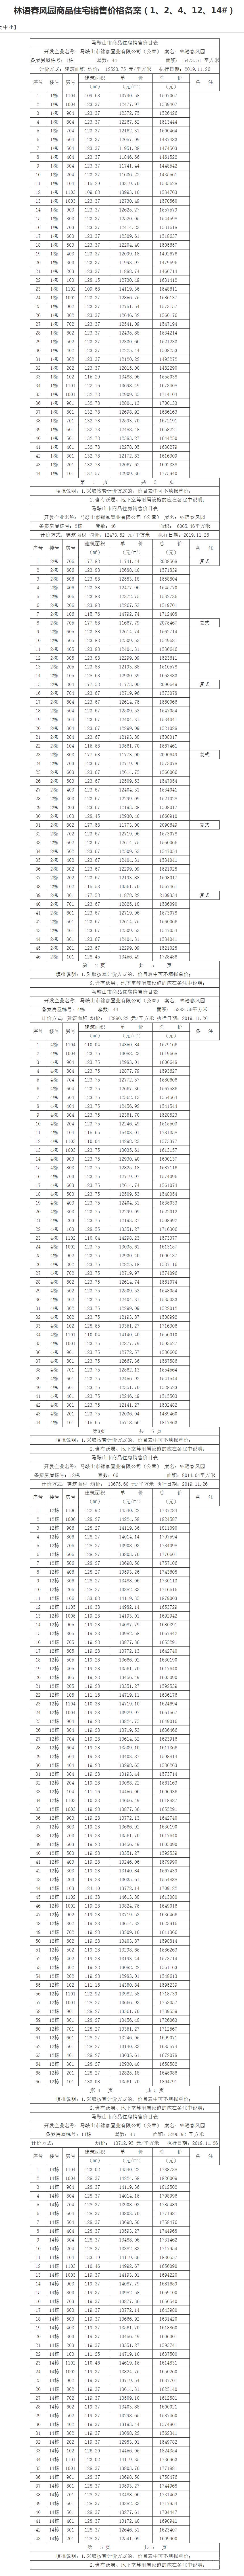 林语春风园商品住宅销售价格备案(1、2、4、12、14#)-马鞍山市人民政府.png